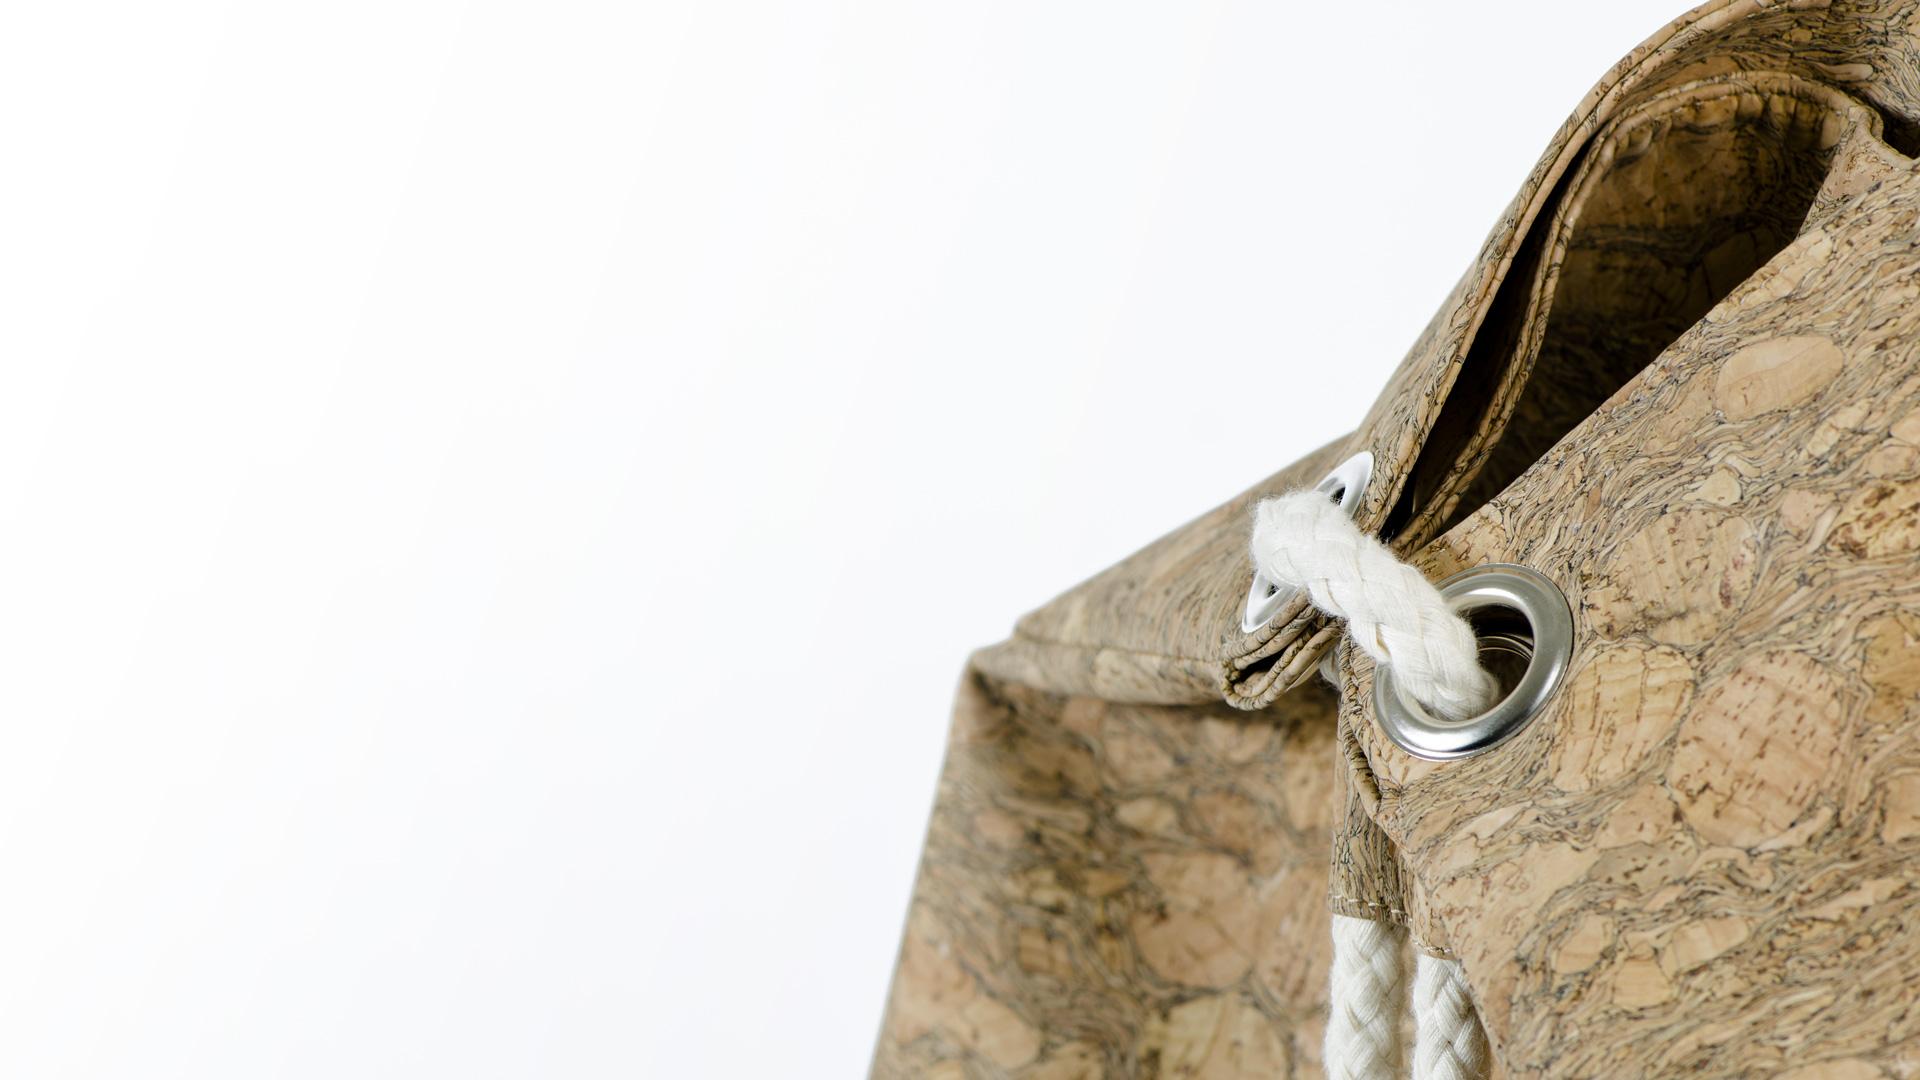 Korkrucksack, Kork Rucksack Gymie, Wild Cork, editorial